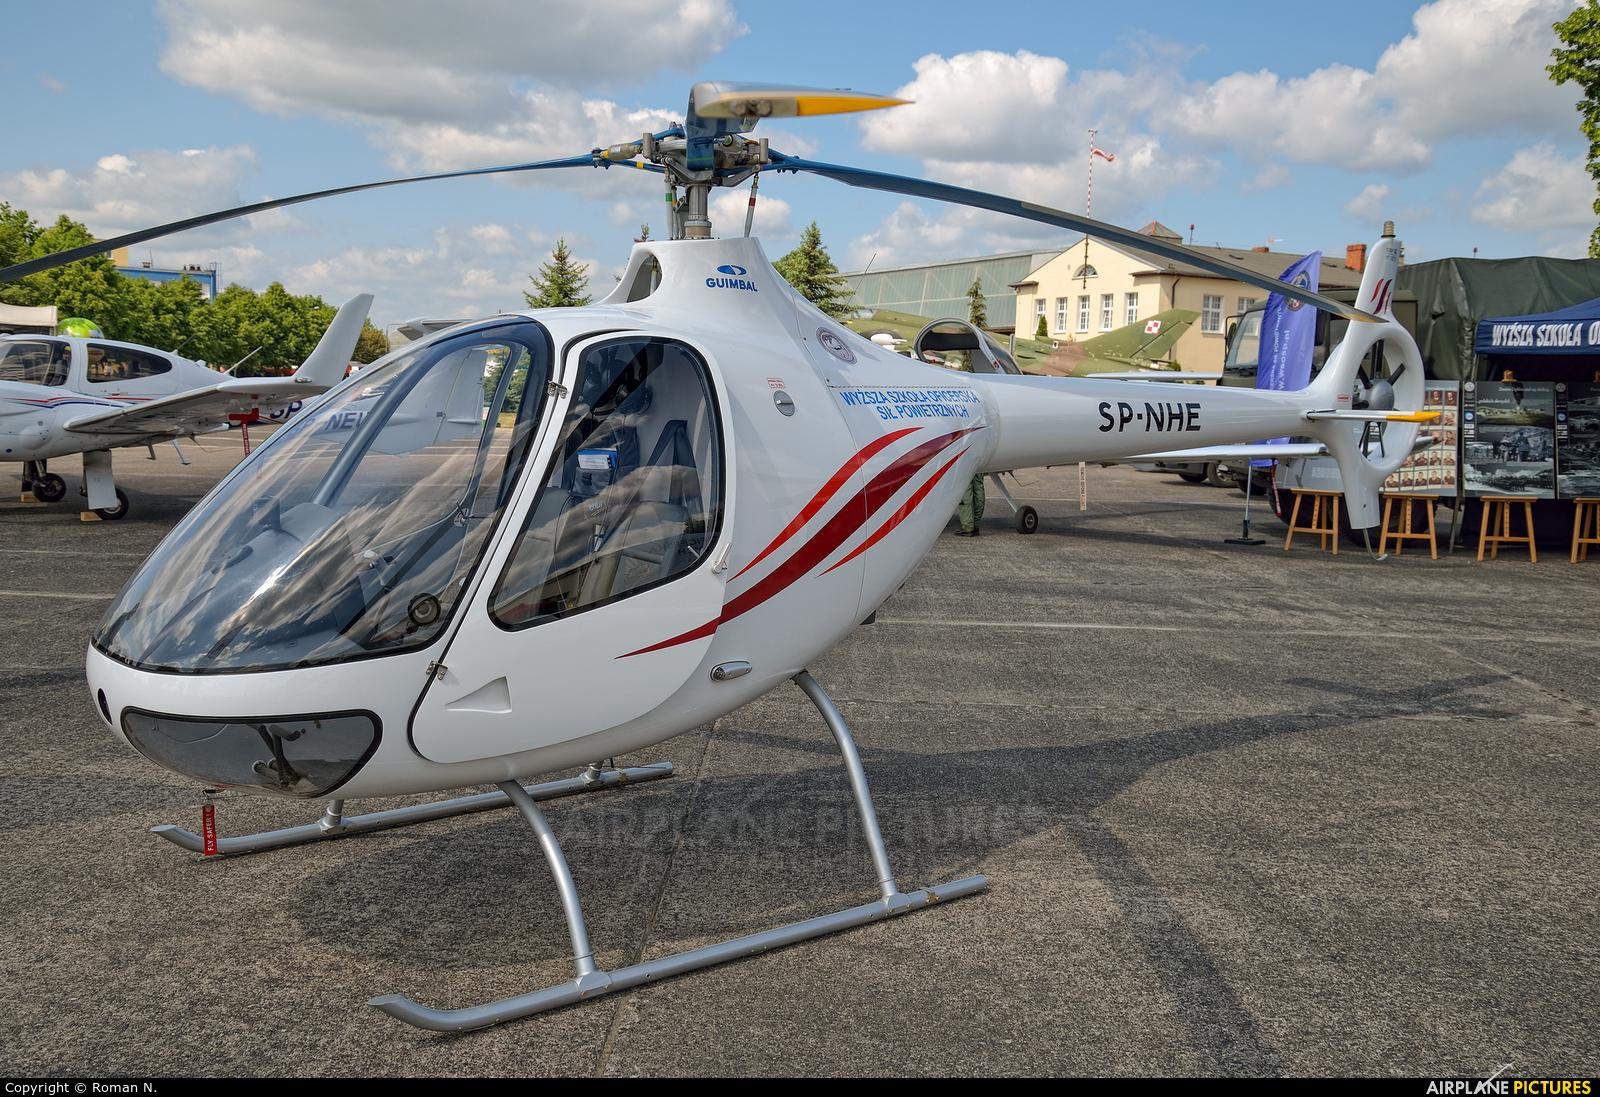 Wyższa Szkoła Oficerska Sił Powietrznych SP-NHE aircraft at Bydgoszcz - Szwederowo